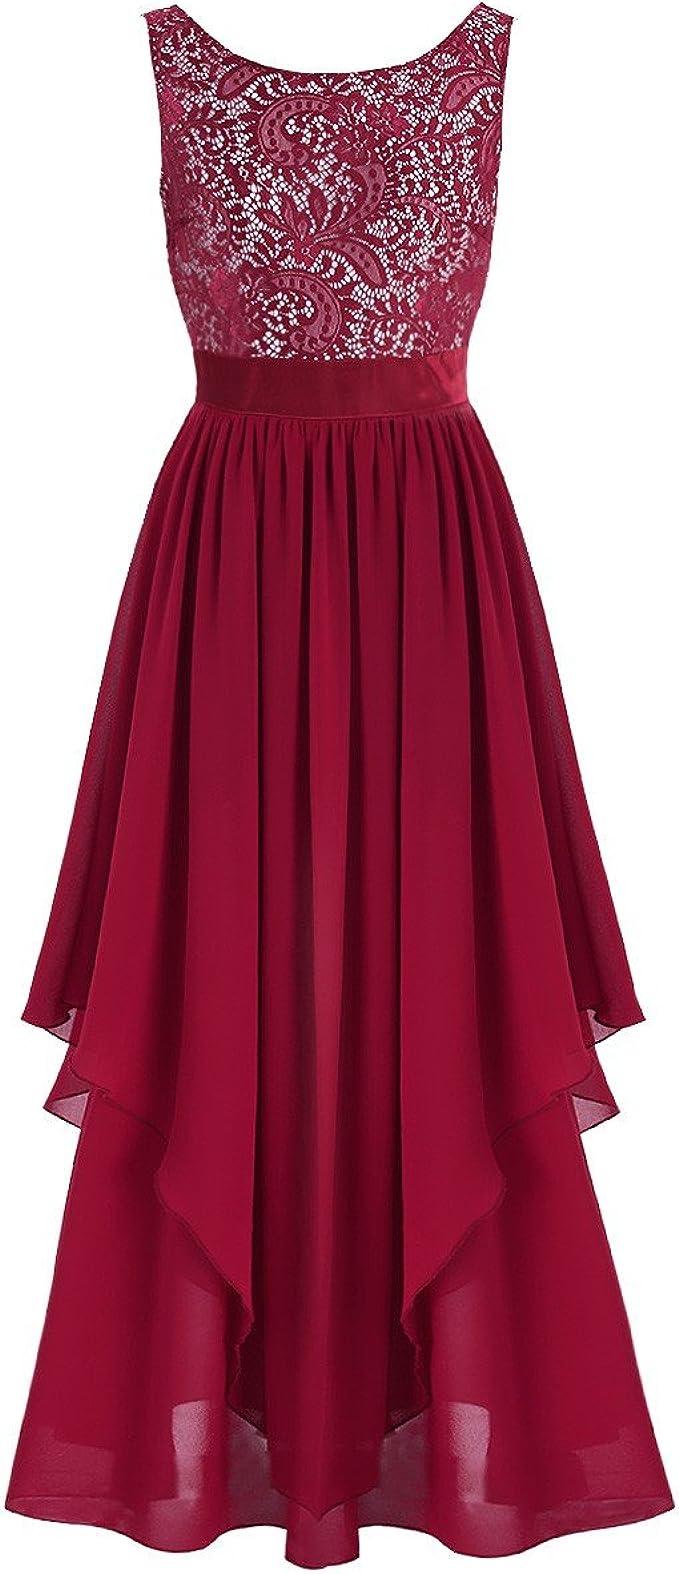 TiaoBug Elegante Damen Kleider Festliche Cocktail Hochzeit Abendkleid Lange  Kleider 10/10 10 10 10/10 10 10